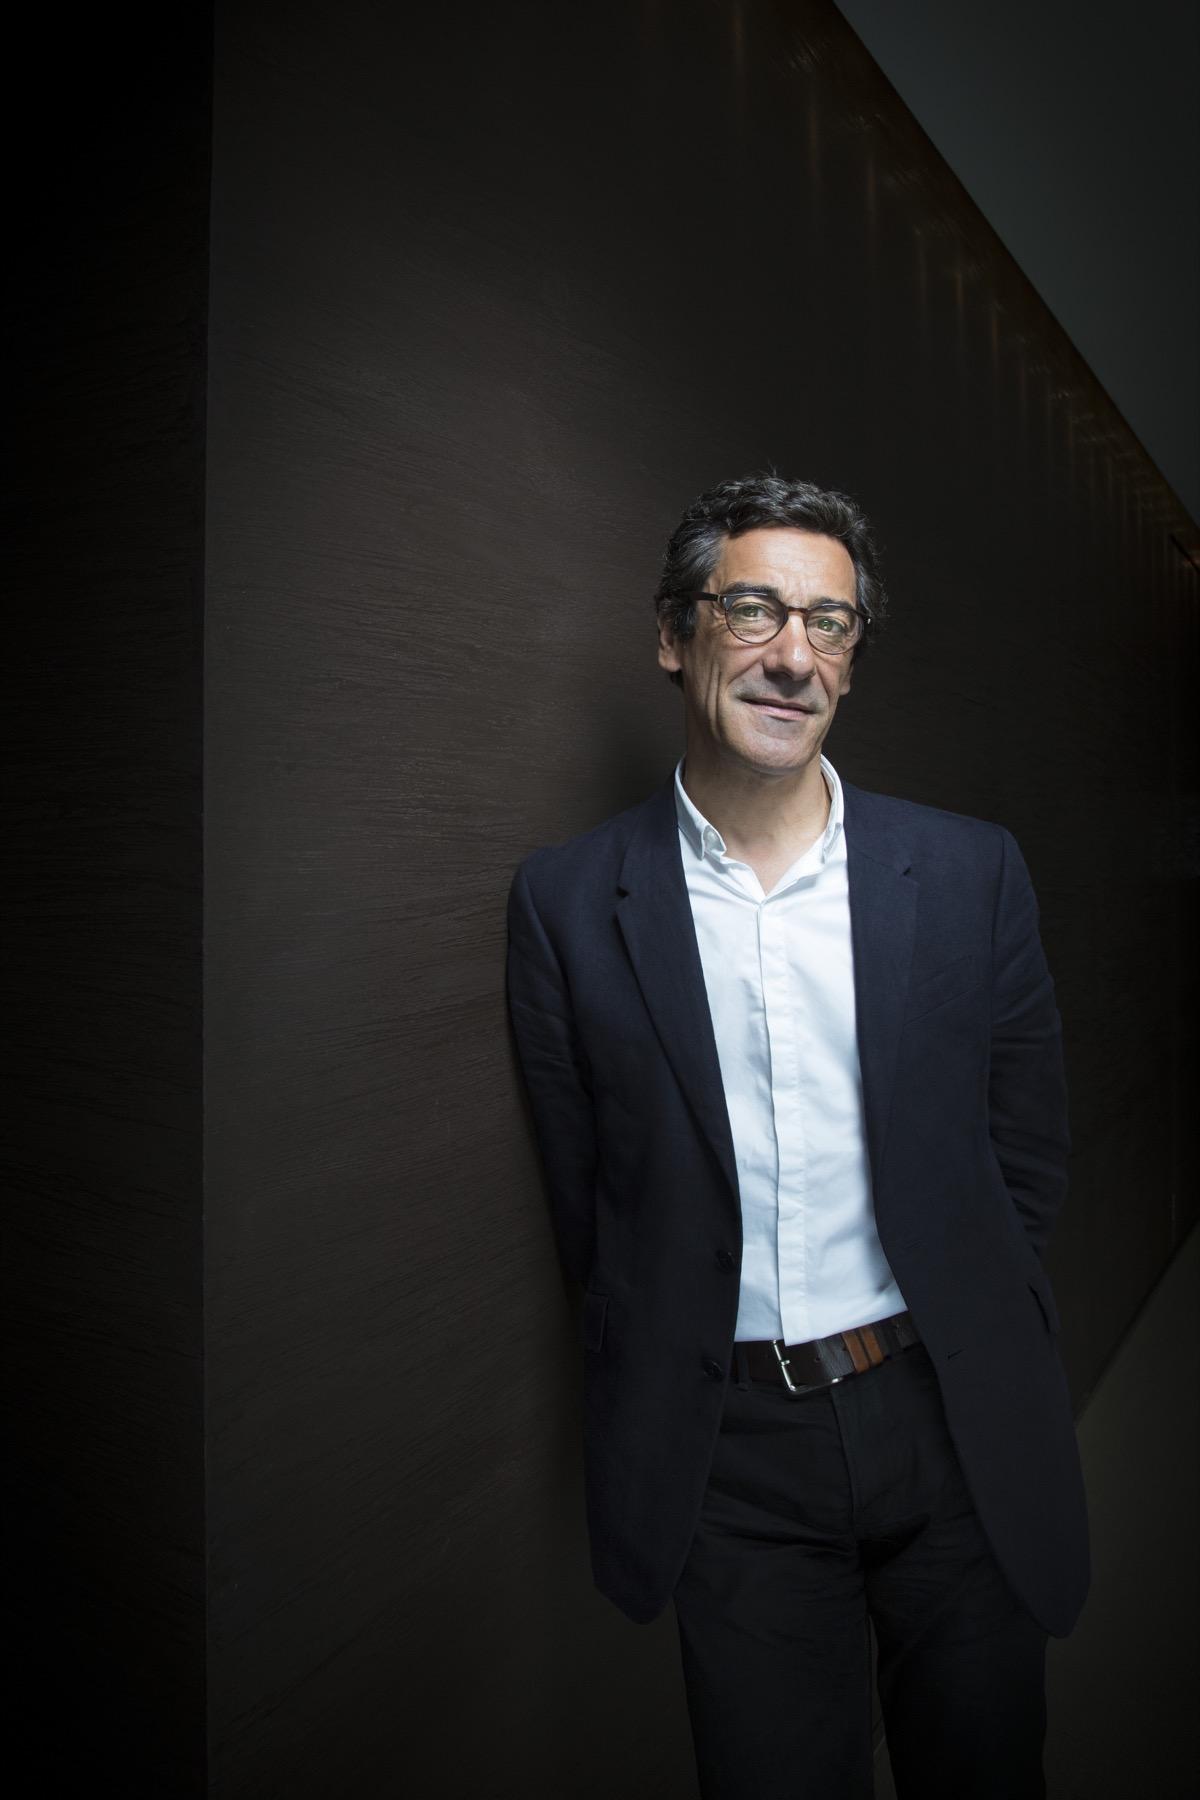 Serge Papin